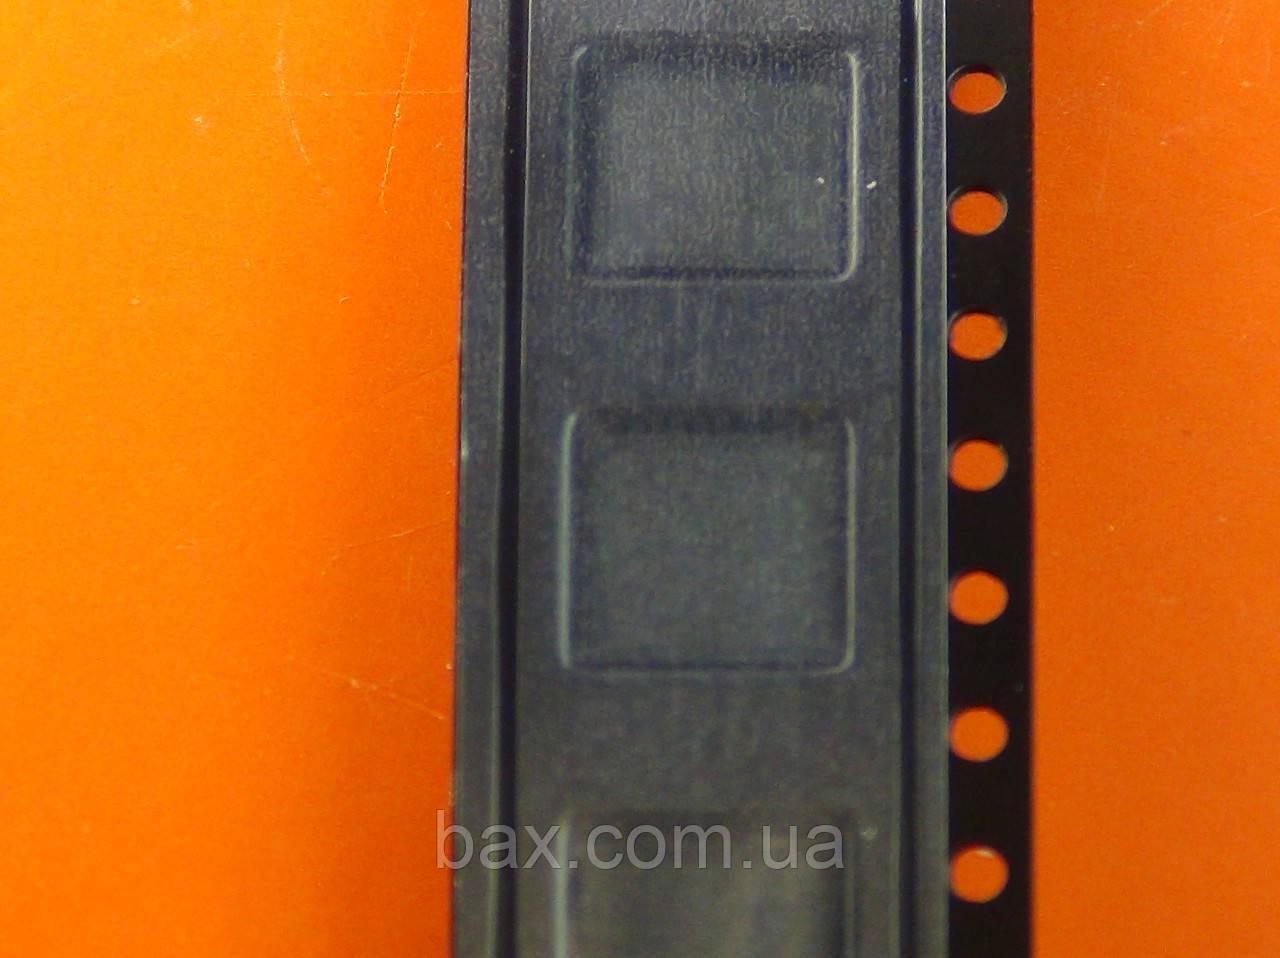 Микросхема контроллер питания MT6355VNW Новый в упаковке